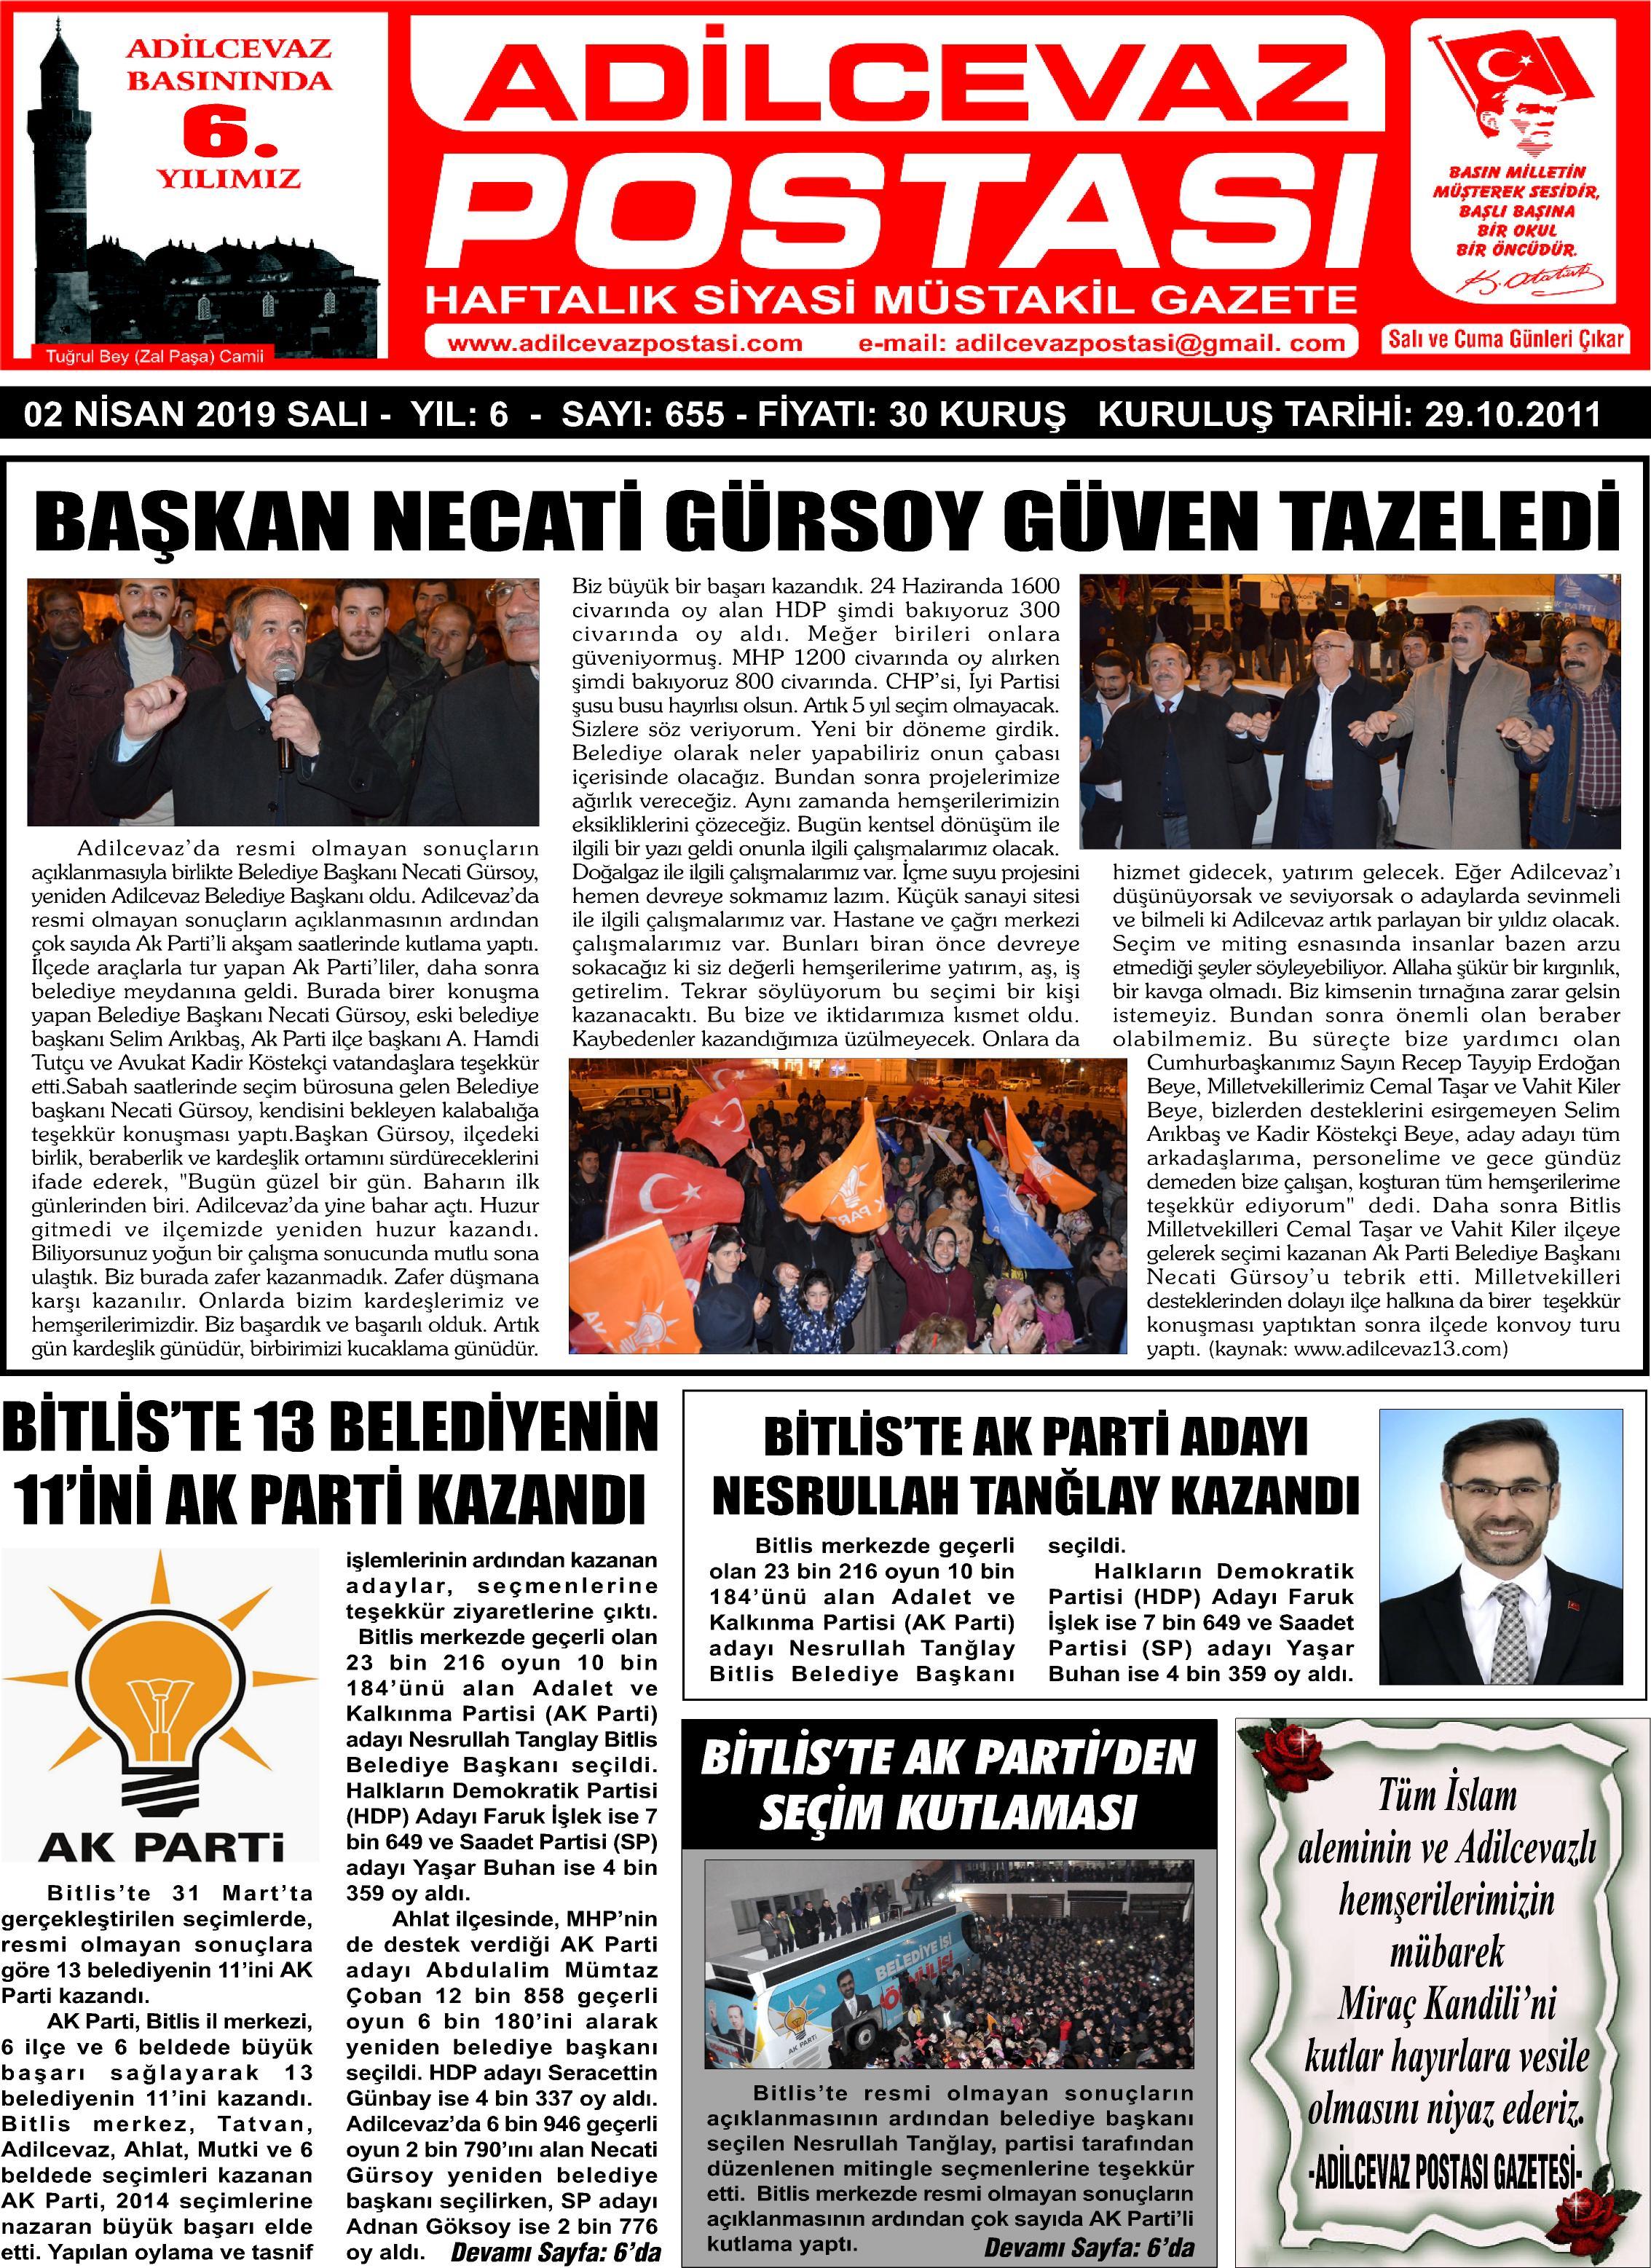 02.04.2019 tarihli gazetemiz